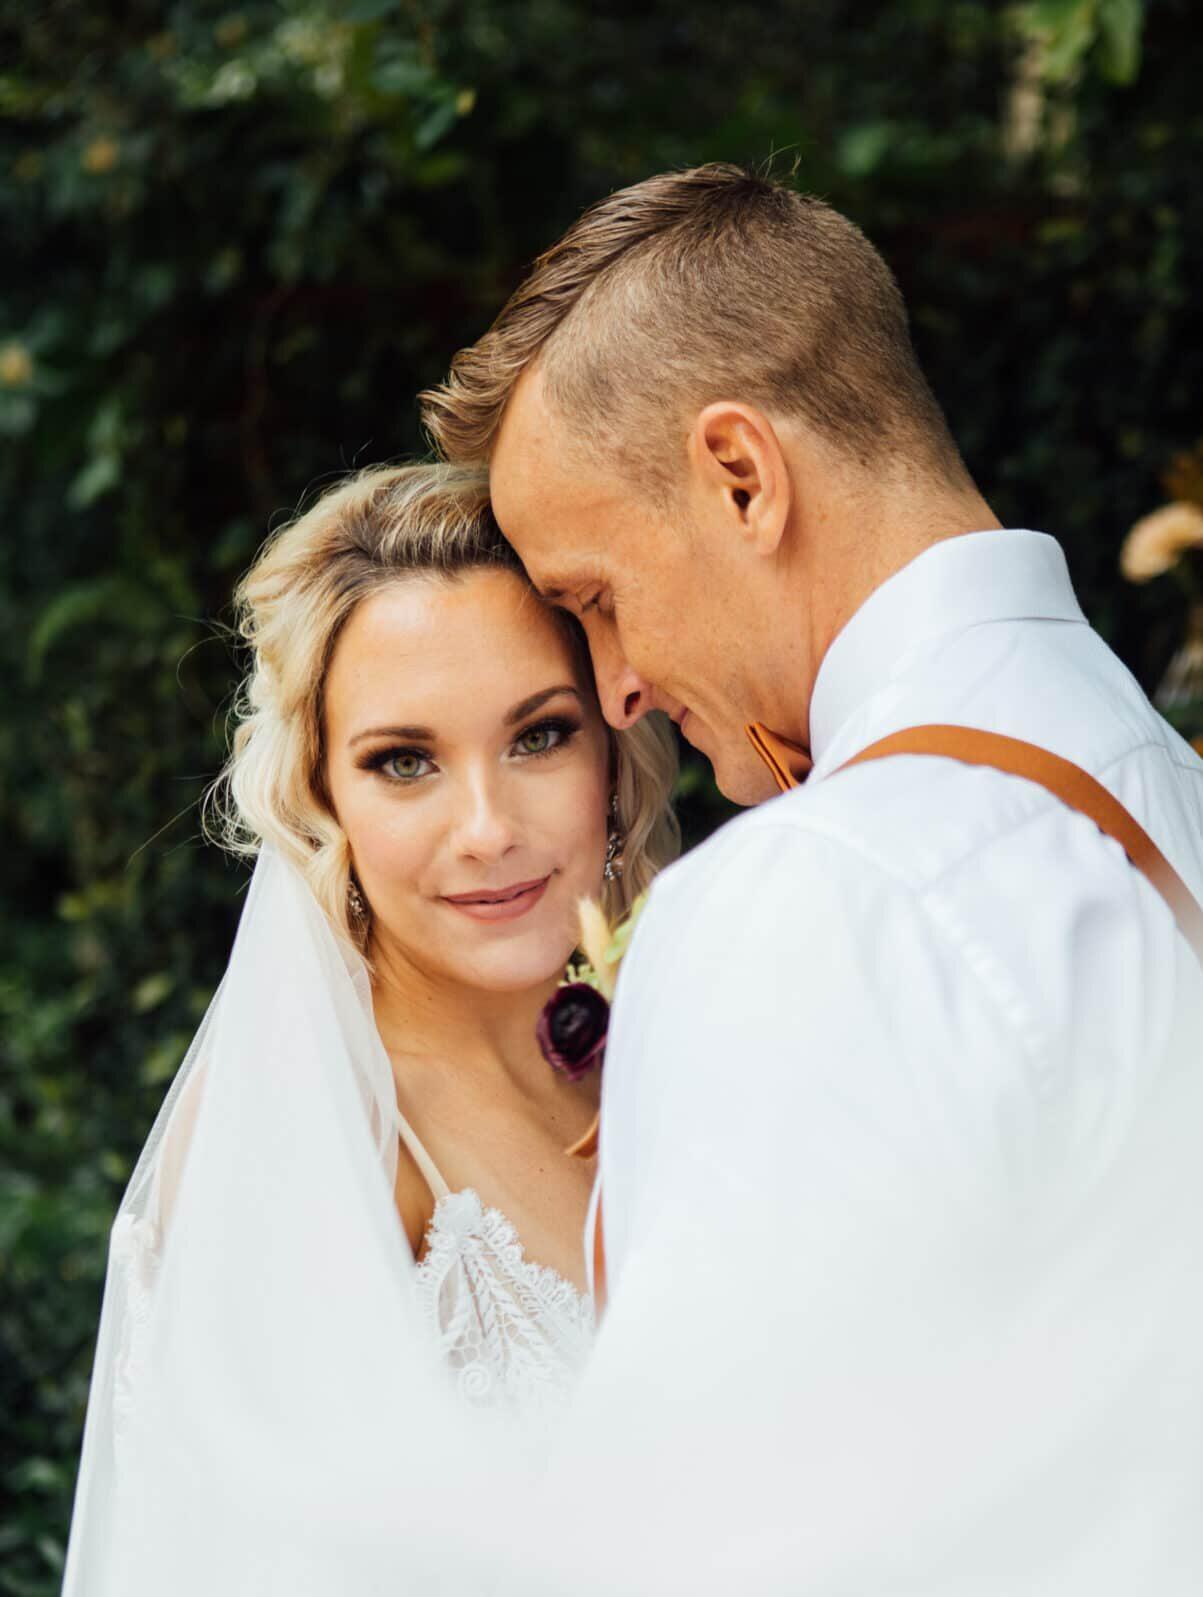 bride and groom outside, bride facing camera